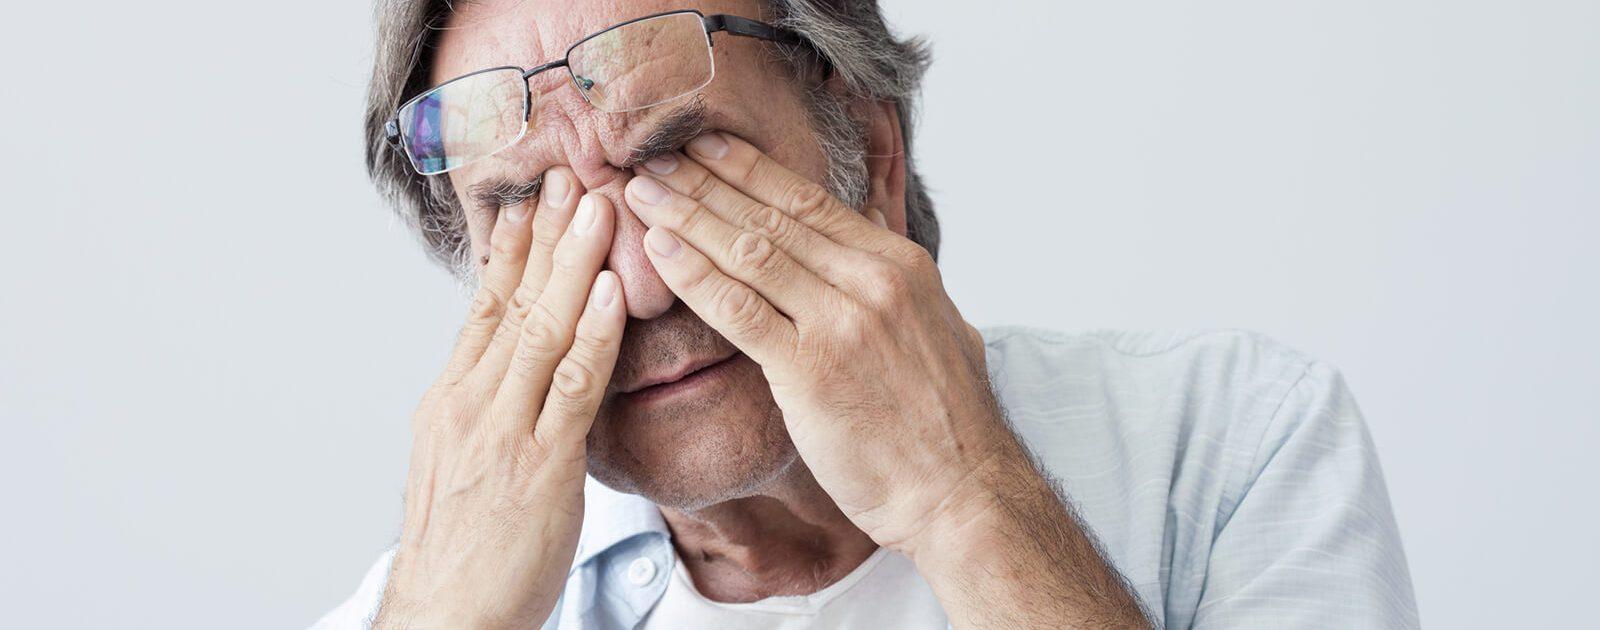 Mann mit Augenverletzung hält ihre Augen zu.